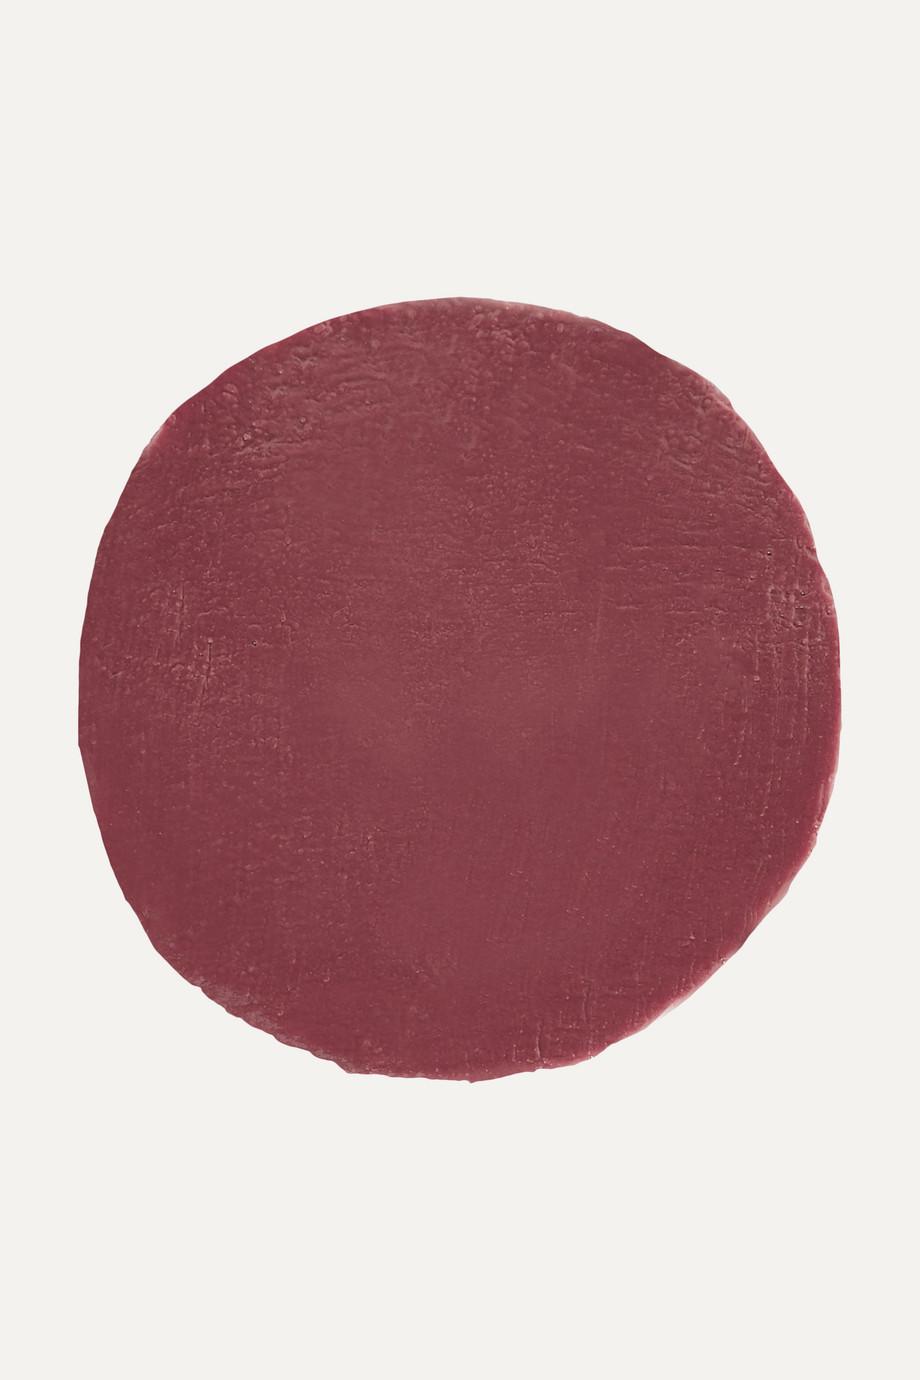 Christian Louboutin Beauty Sheer Voile Lip Colour – Rose du Desert – Lippenstift